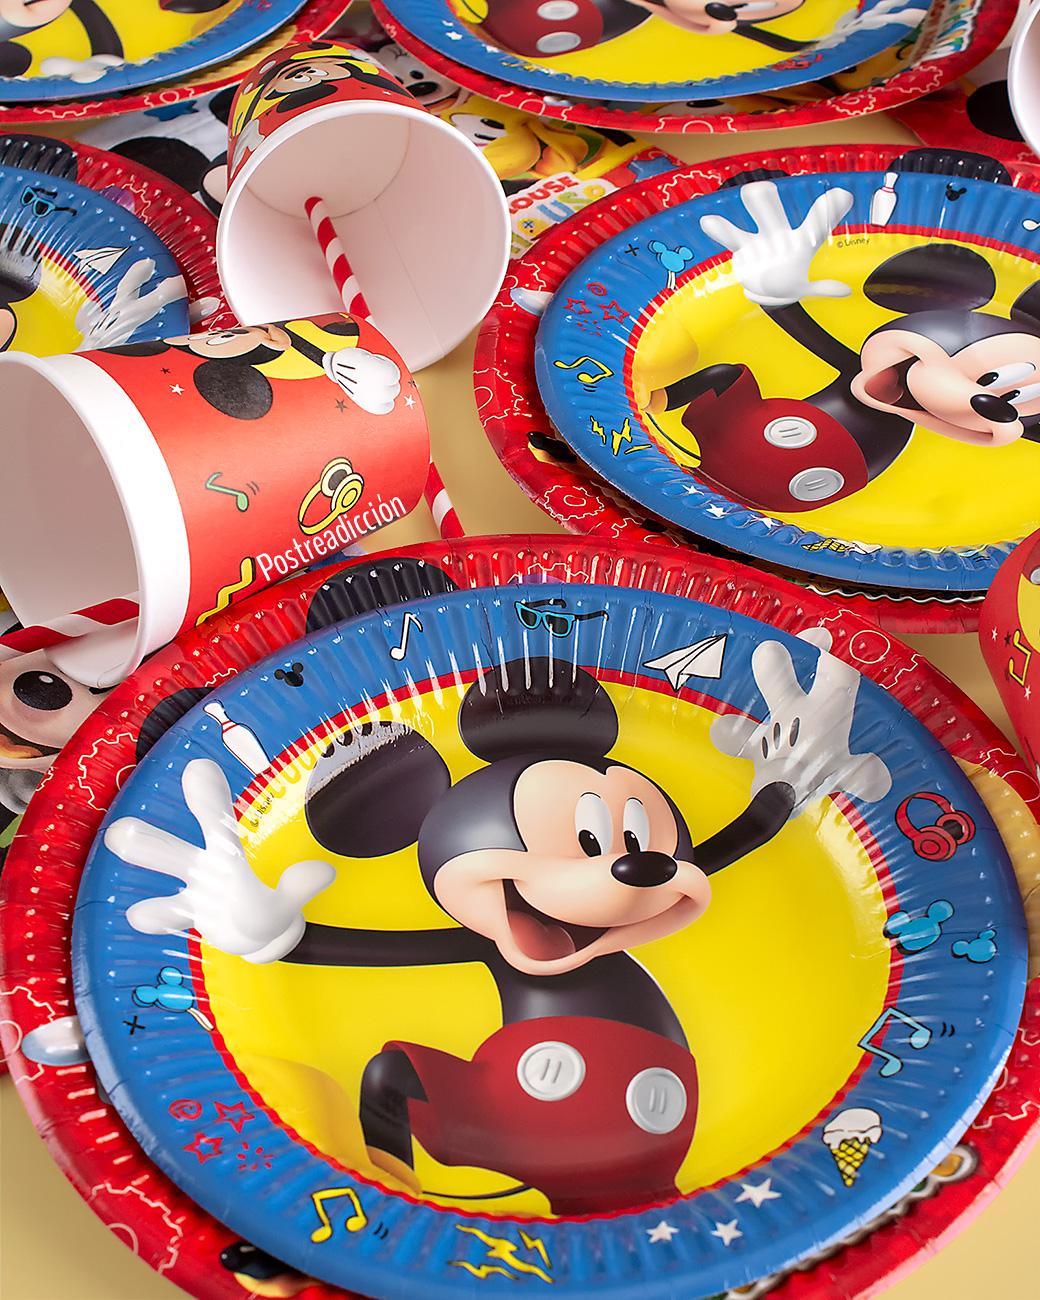 Imagen de producto: https://tienda.postreadiccion.com/img/articulos/secundarias13137-20-servilletas-de-mickey-mouse-2.jpg